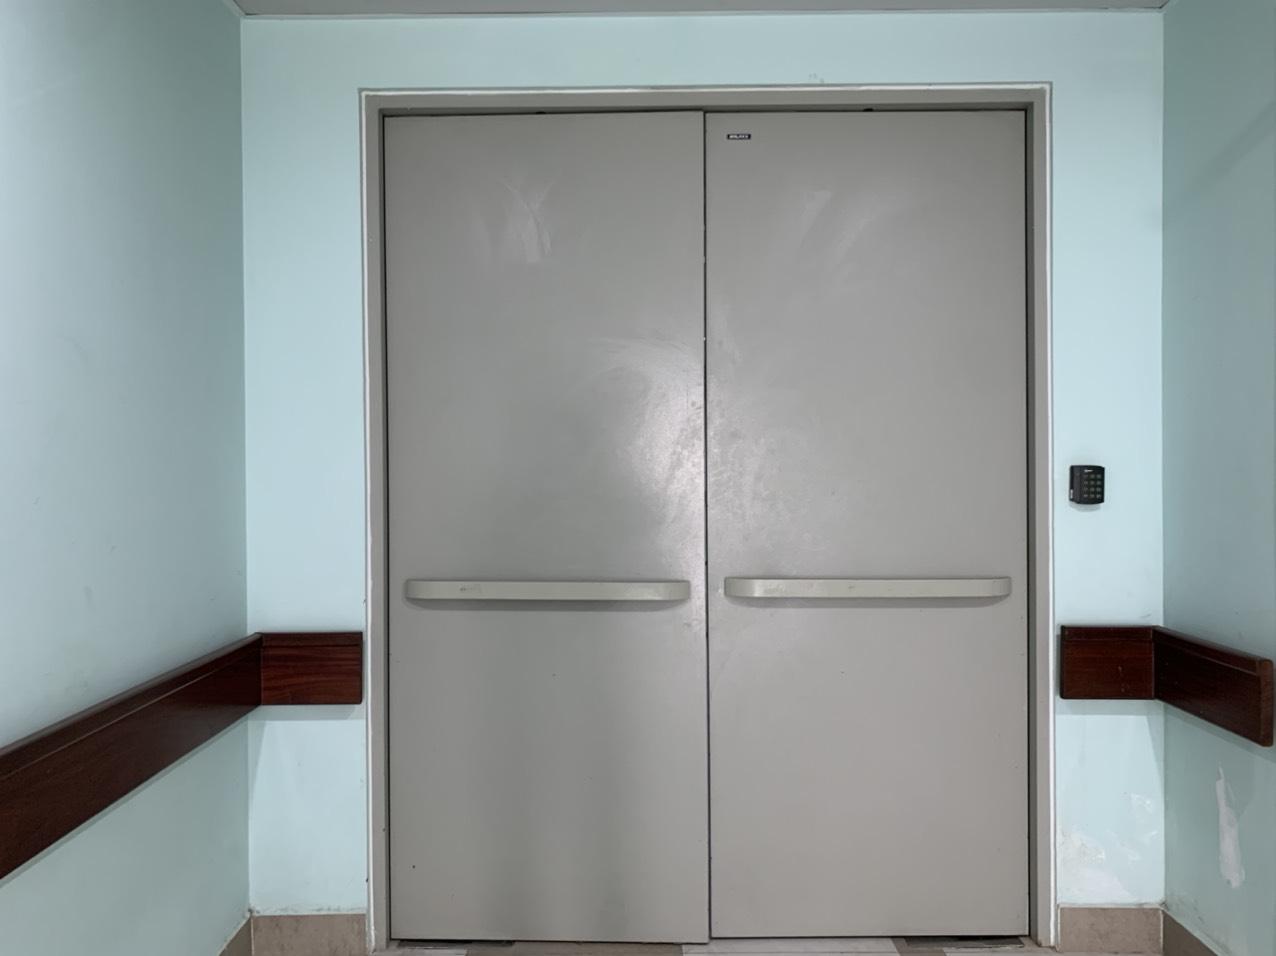 Tiêu chuẩn cửa thép chống cháy chất lượng là gì?